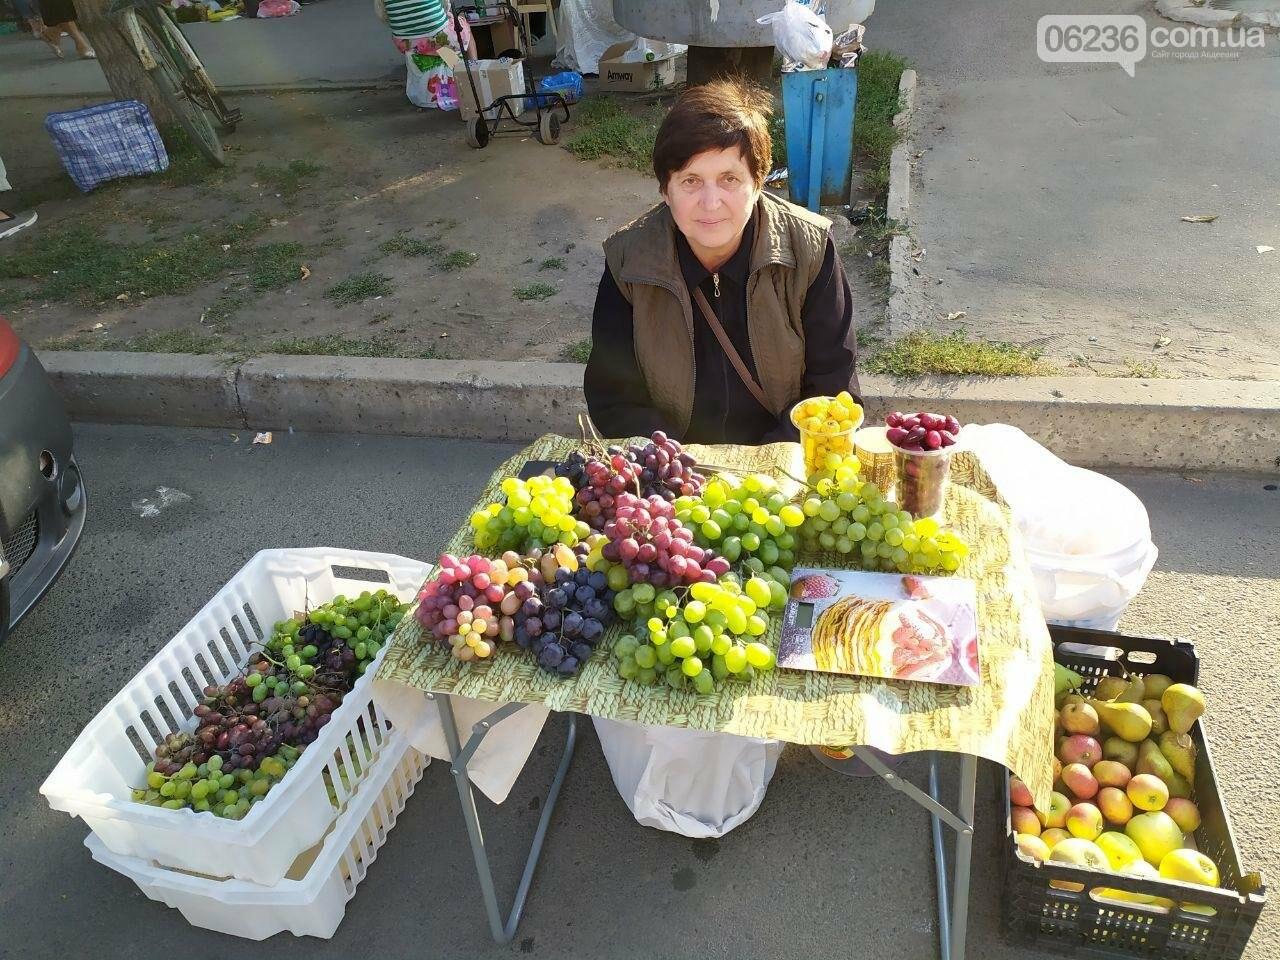 В Авдеевке провели ежегодную осеннюю ярмарку  ко Дню города (ФОТОФАКТ), фото-7